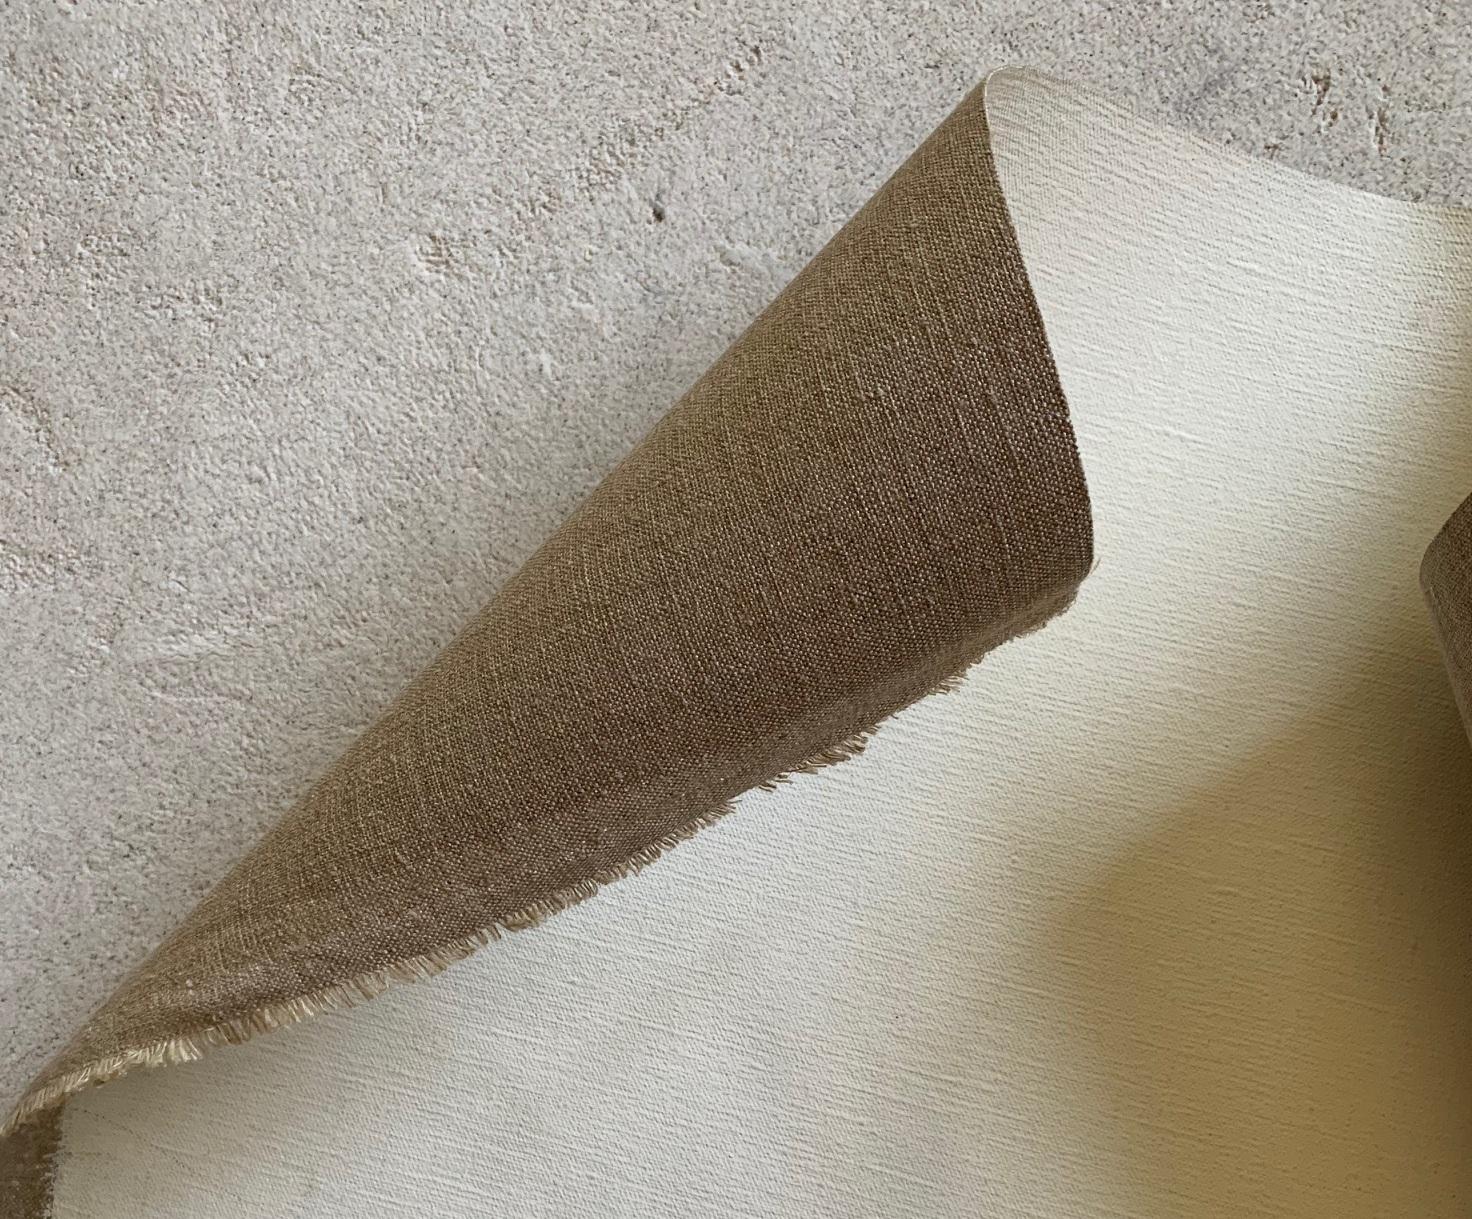 oil primed linen